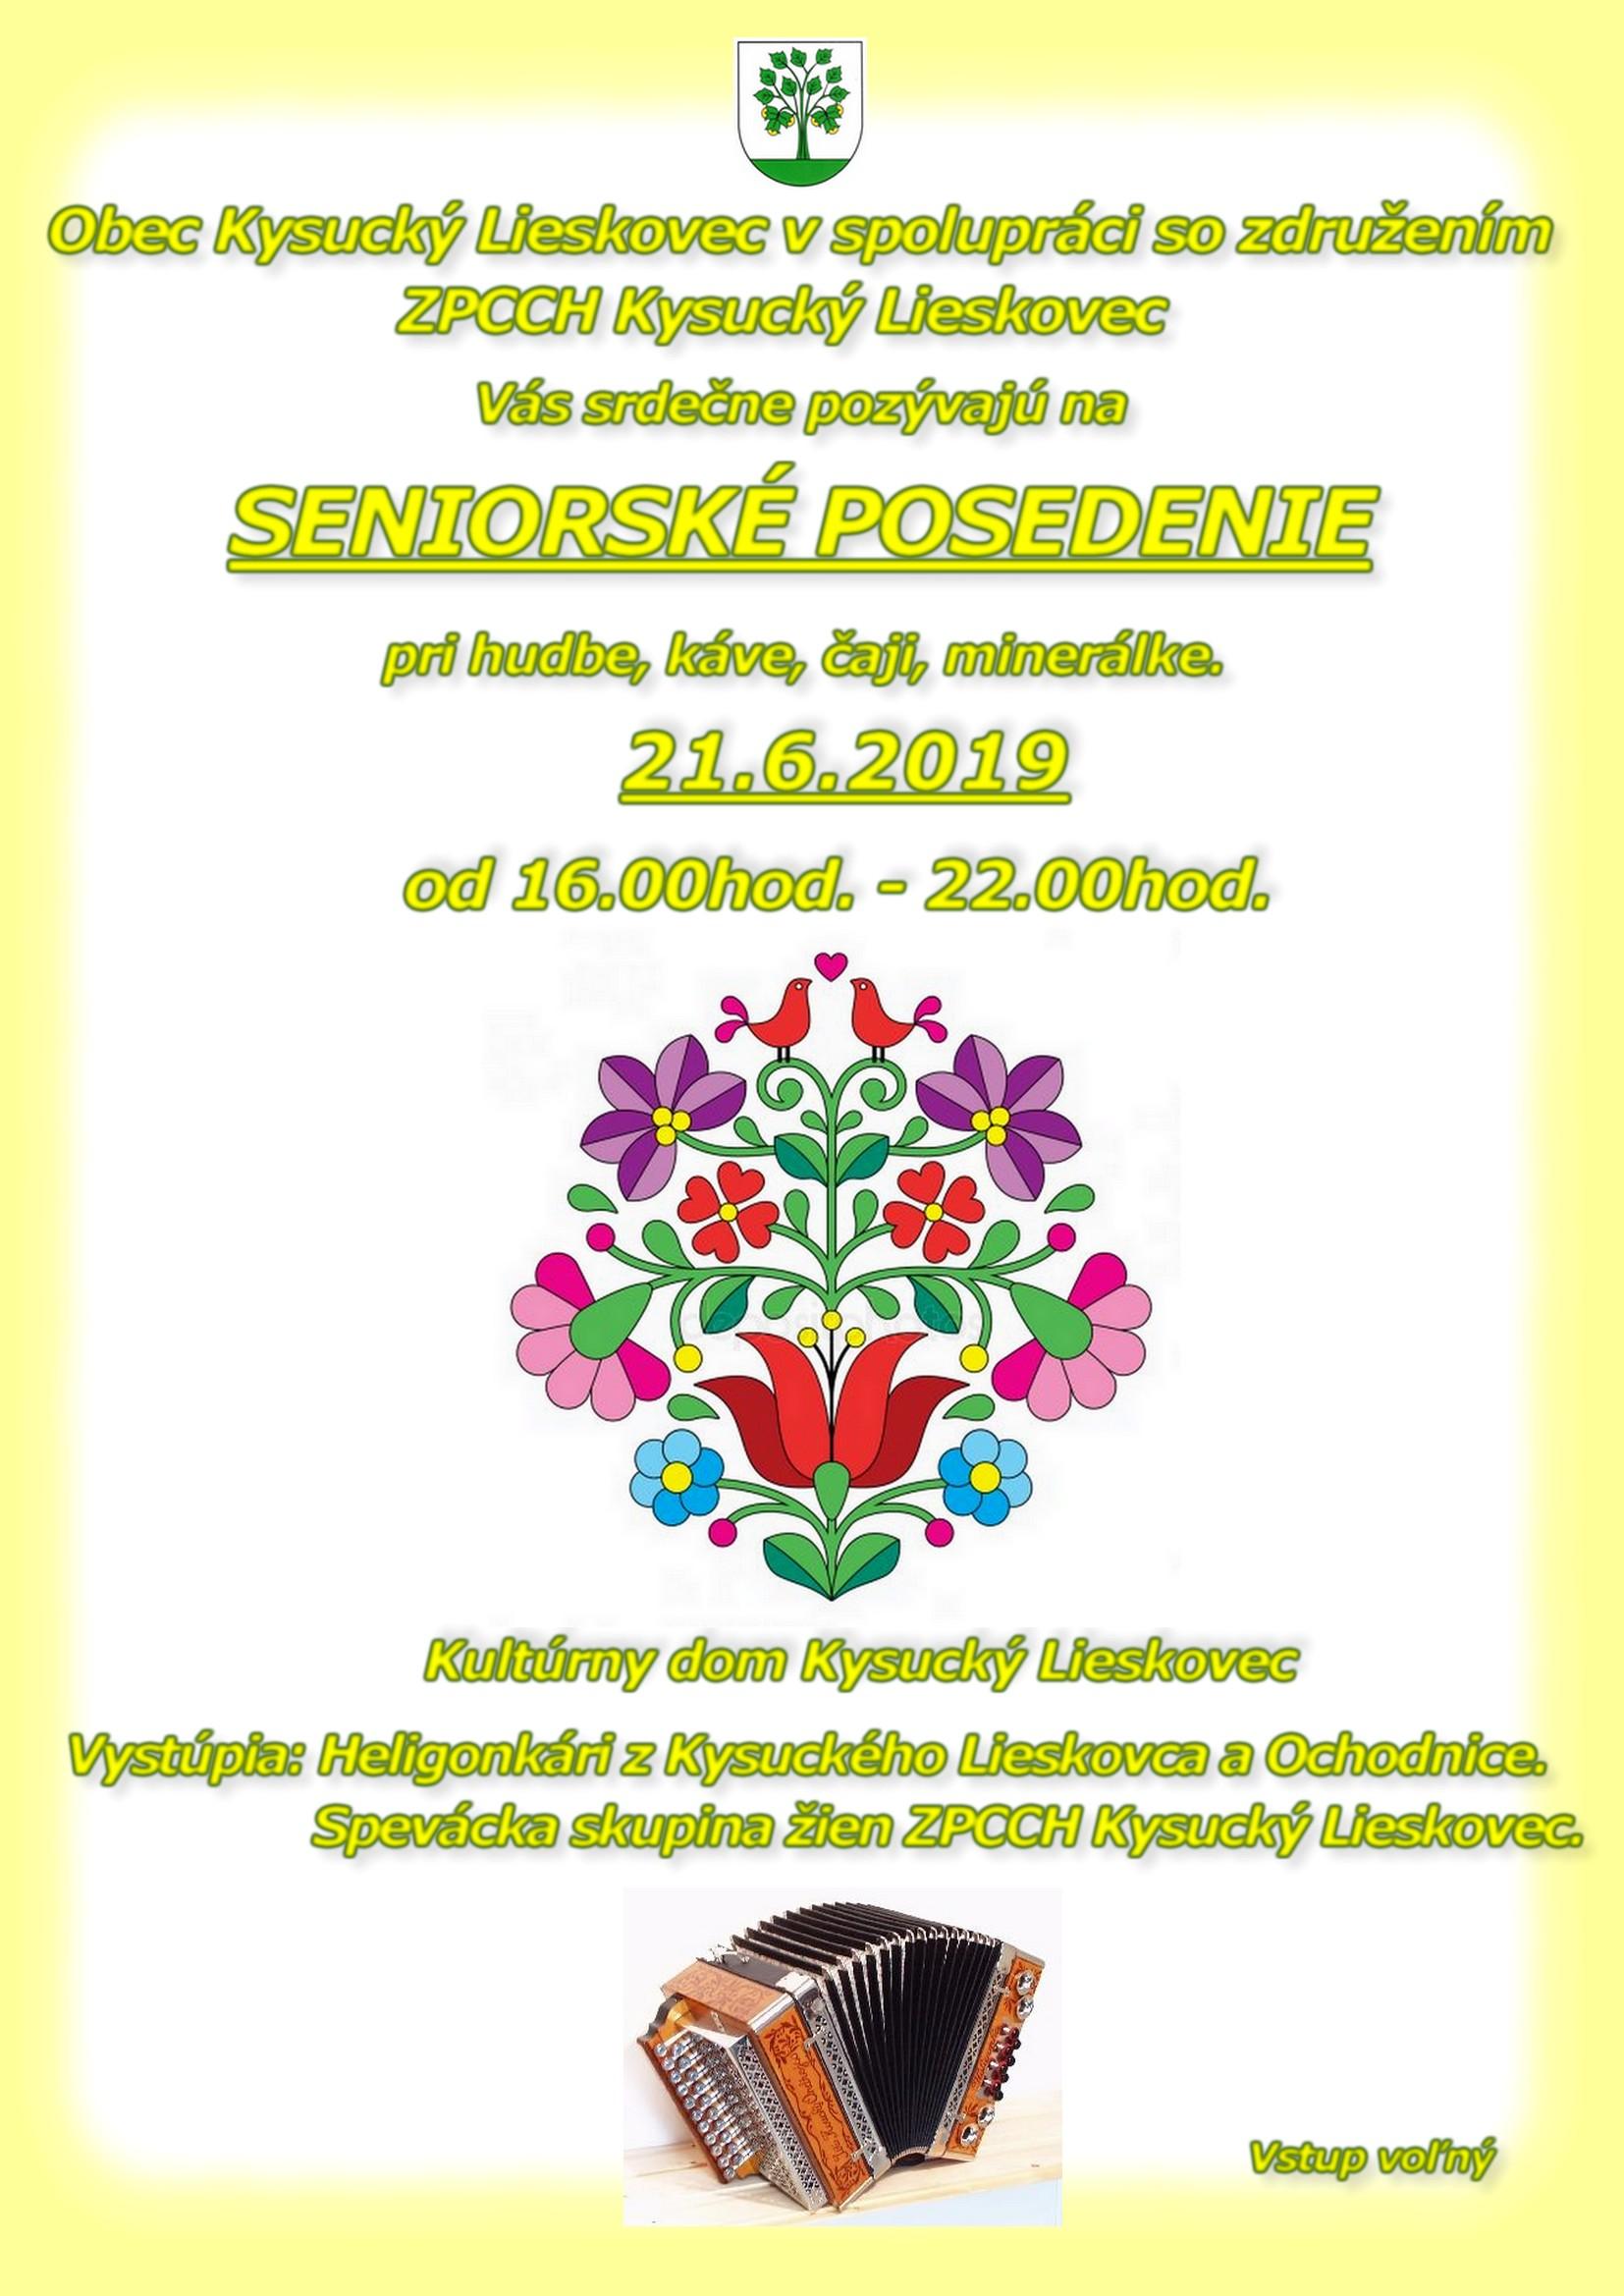 Selo Kysucky Lieskovec u suradnji s udrugom ZPCCH Kysucky Lieskovec srdačno Vas poziva na SENIORNU SKUPŠTINU 21.6.2019 od 16:00 - 22:00 sata.